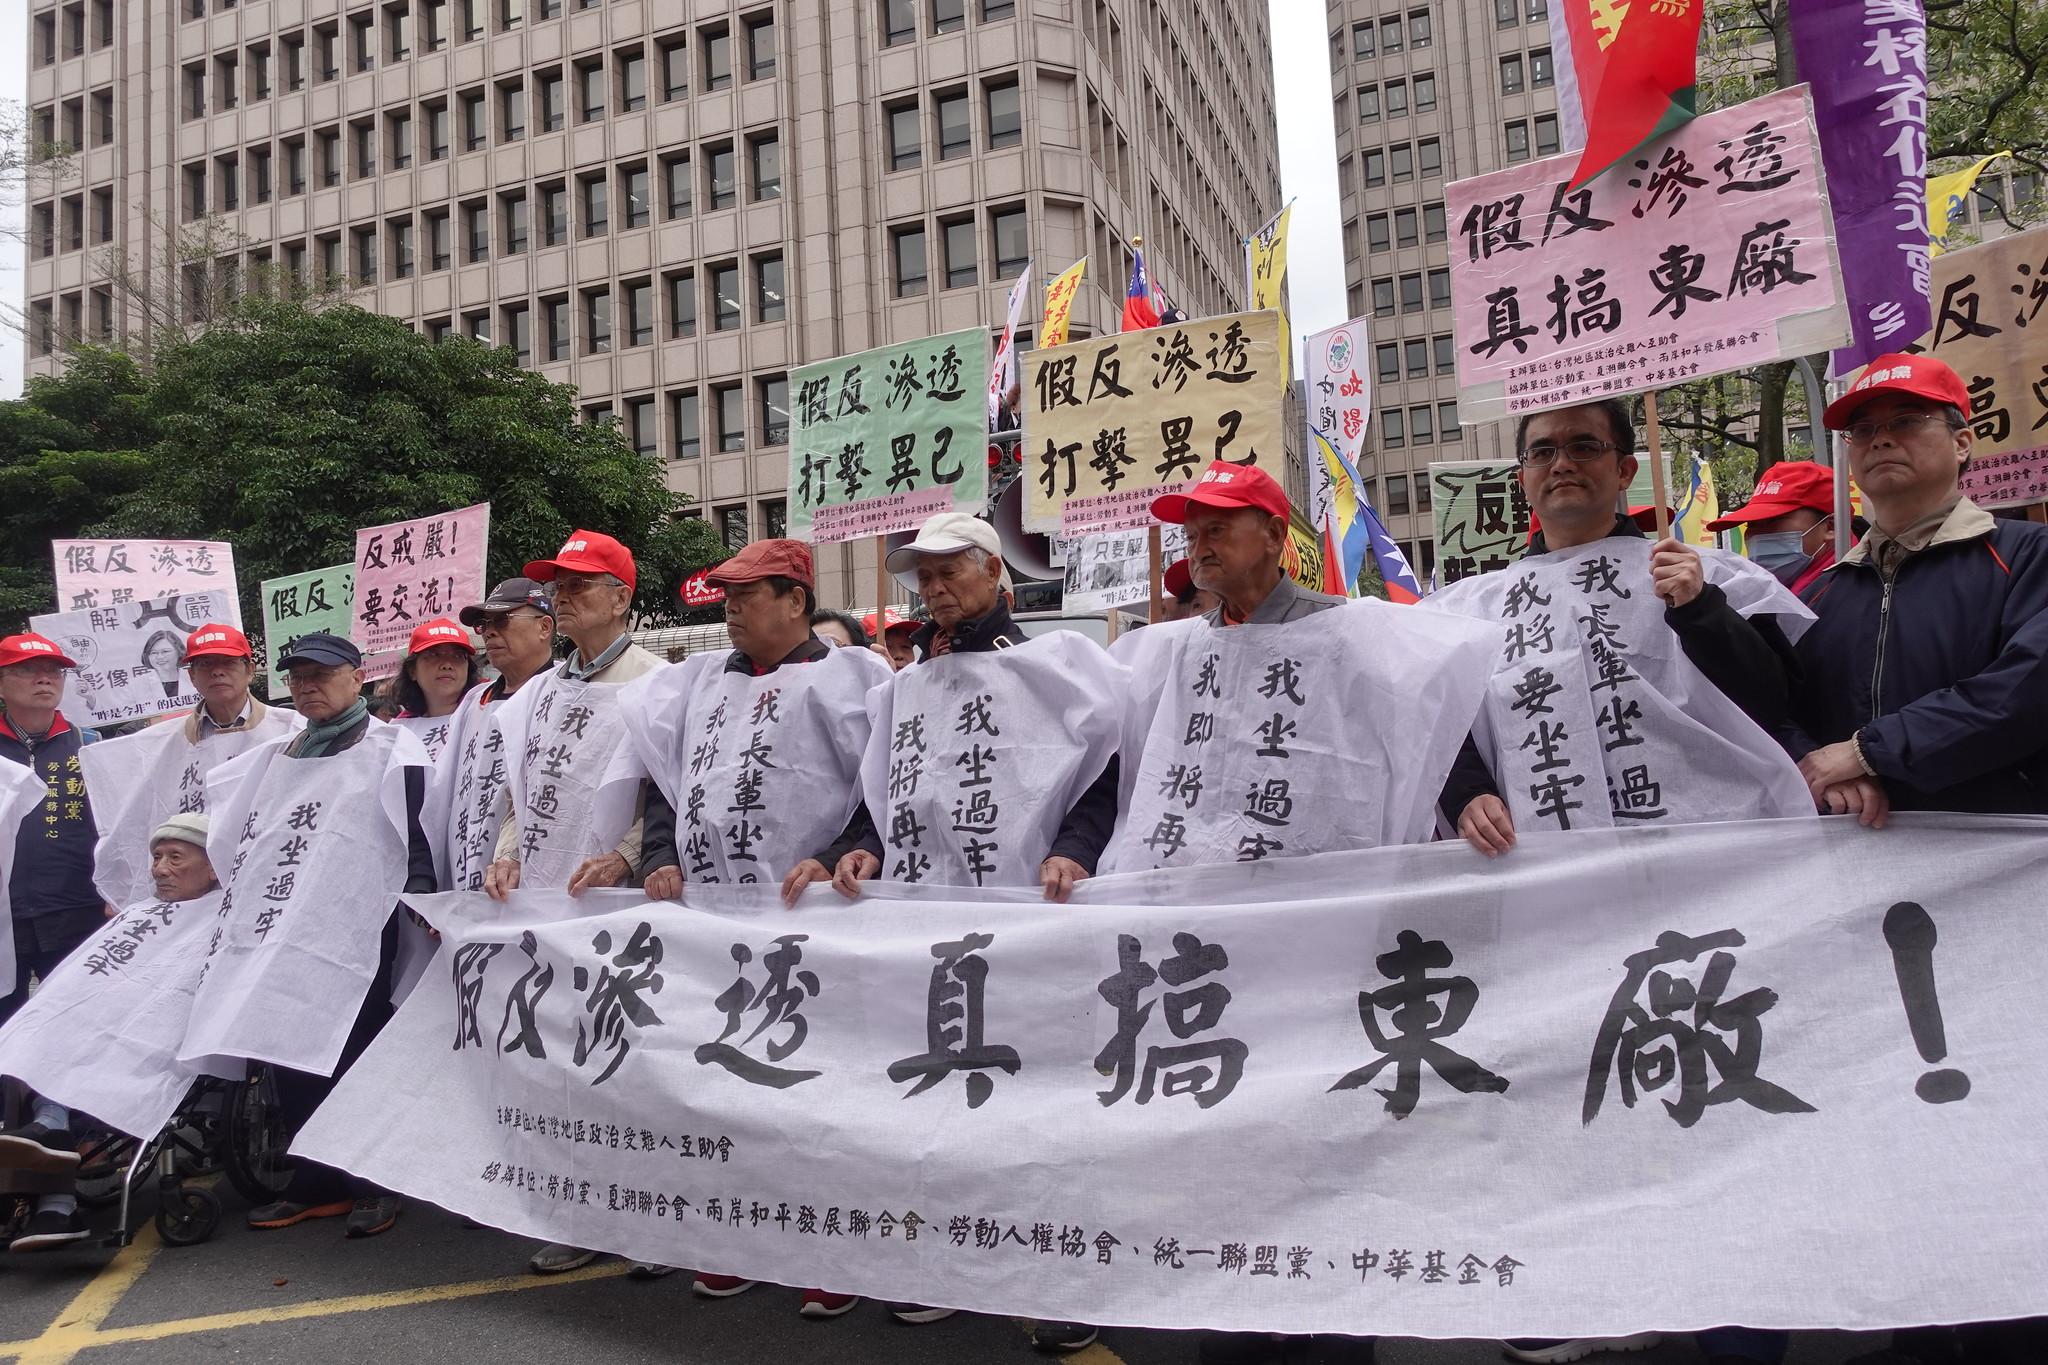 民團抗議反滲透法是「戒嚴惡法」。(攝影:張智琦)